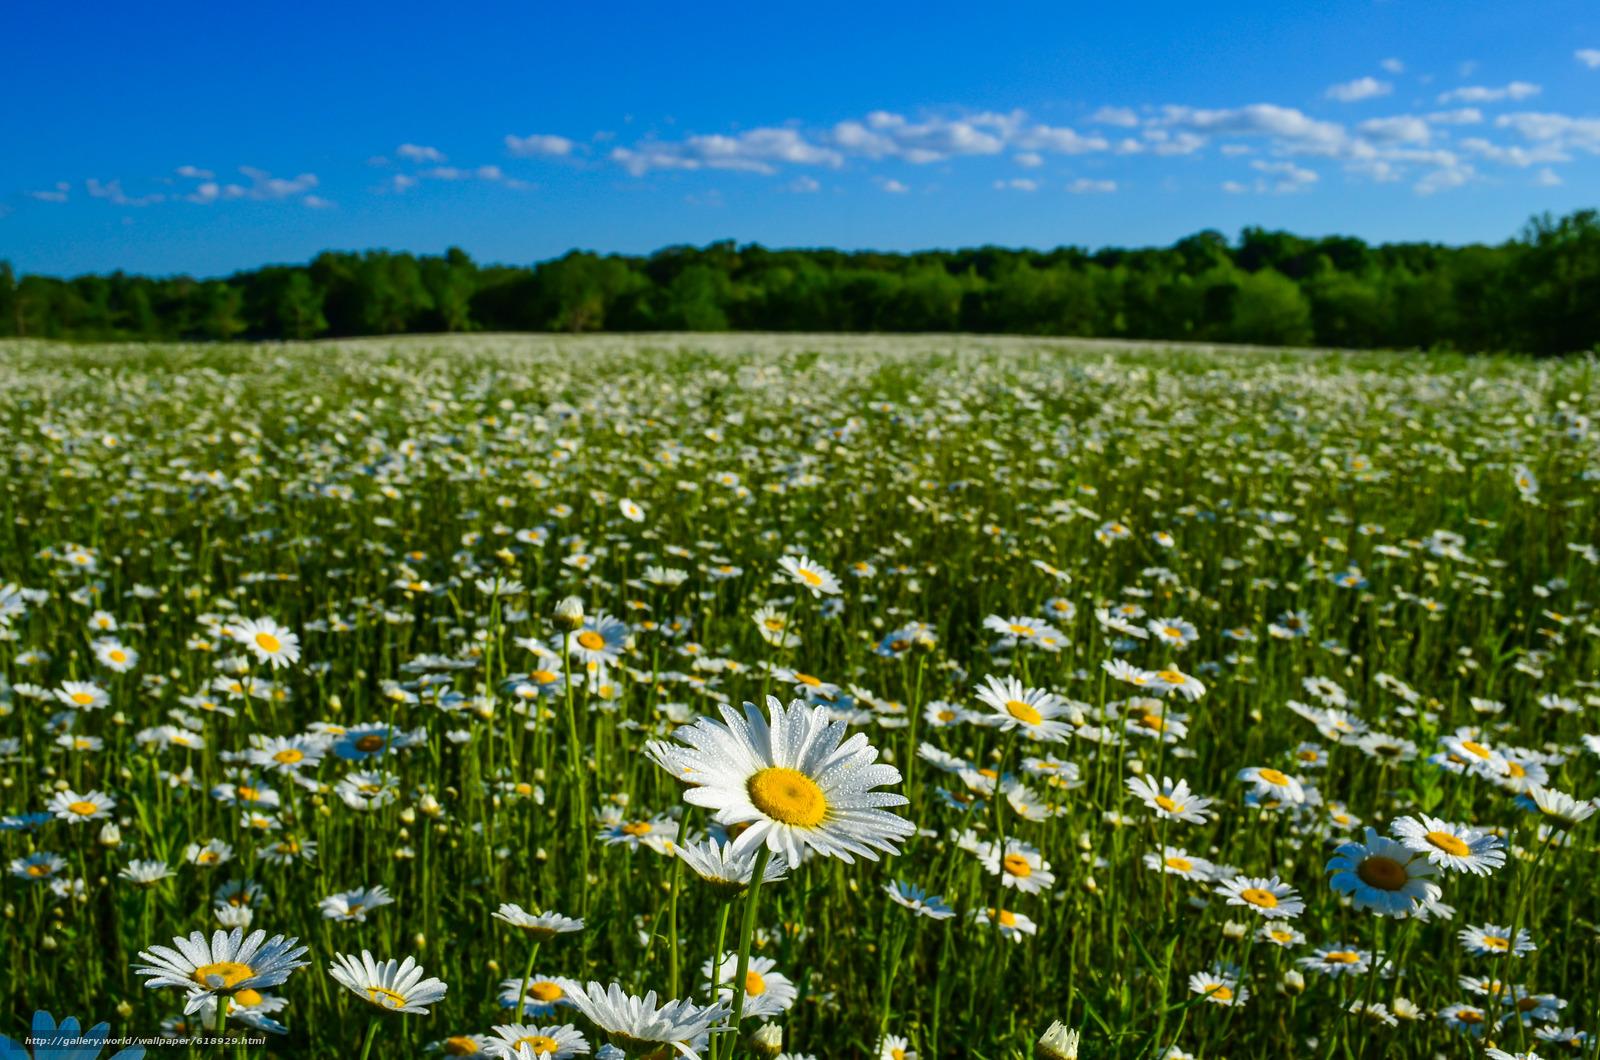 Скачать обои ромашки,  луг,  природа,  лето бесплатно для рабочего стола в разрешении 4928x3264 — картинка №618929